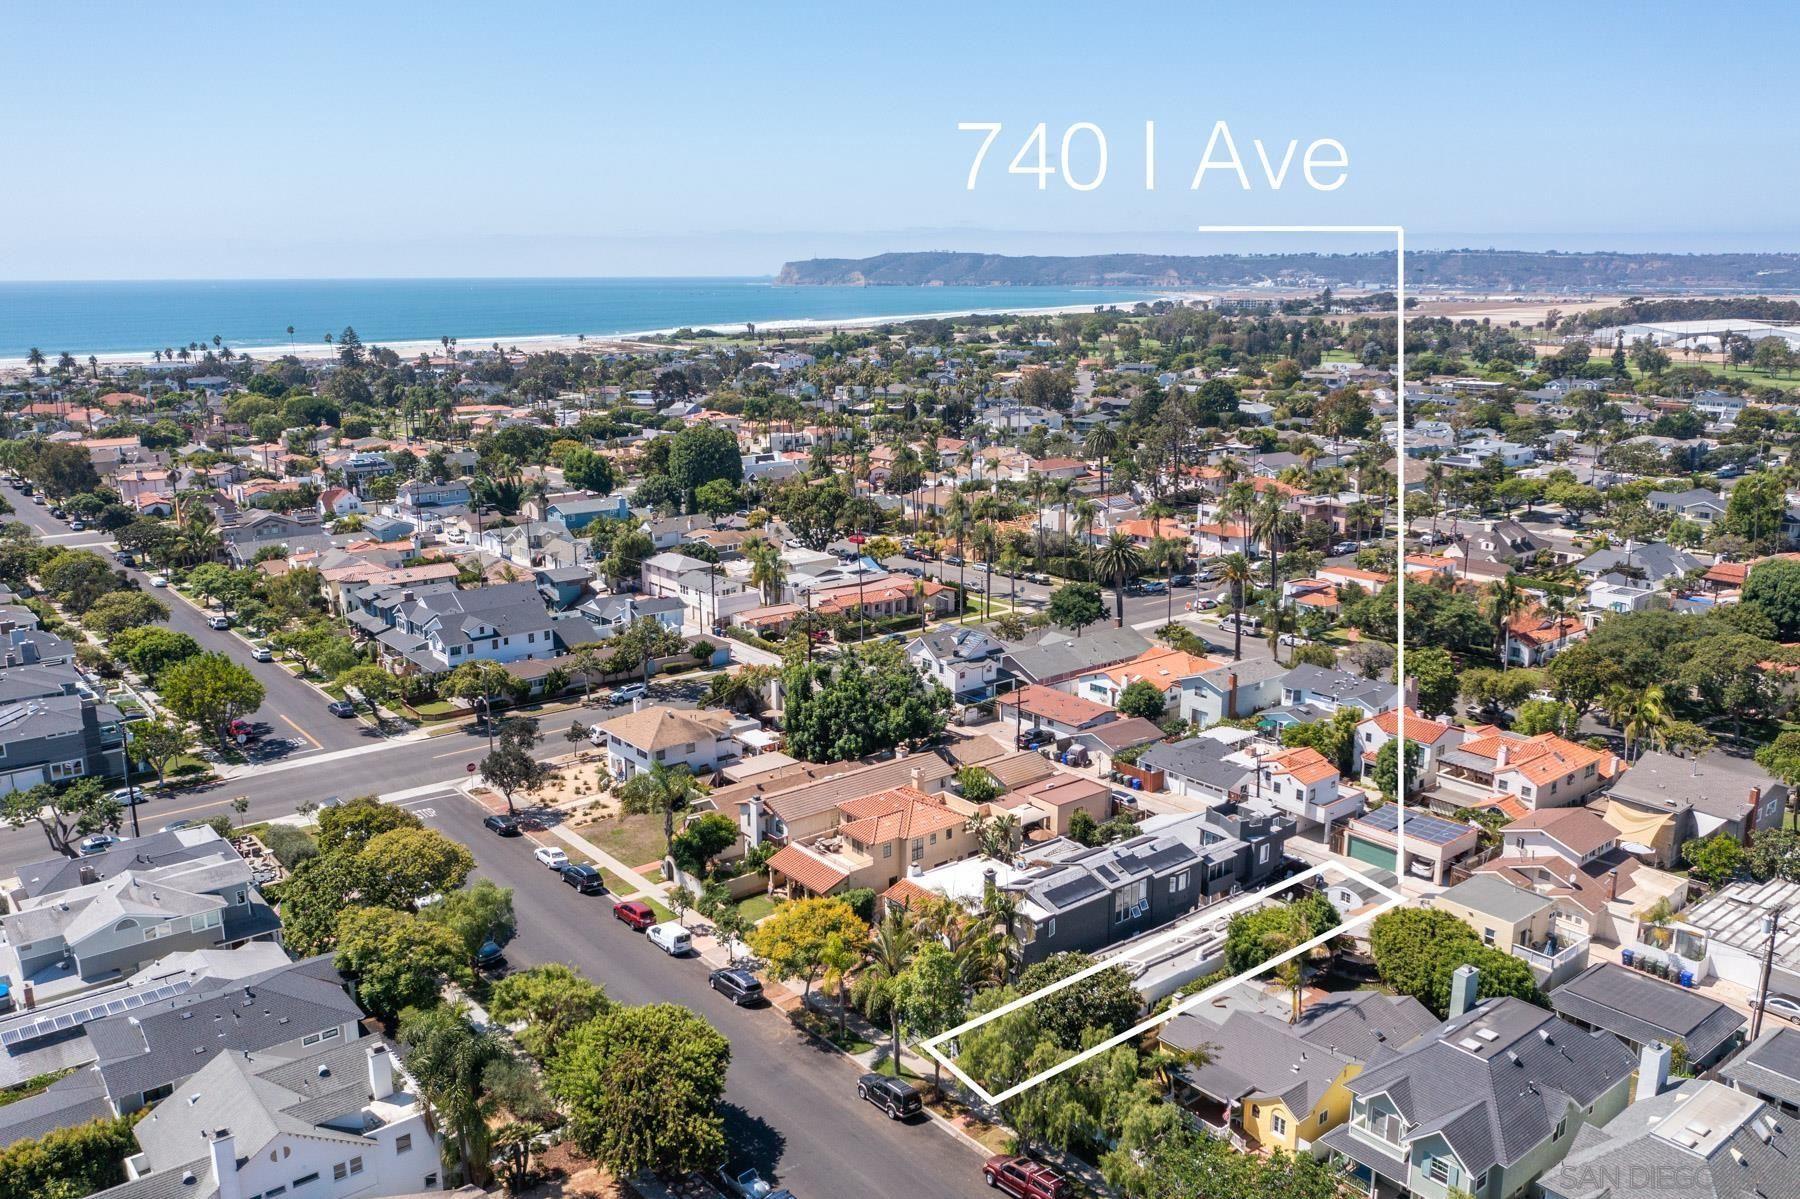 Photo of 740 I Ave, Coronado, CA 92118 (MLS # 210026395)